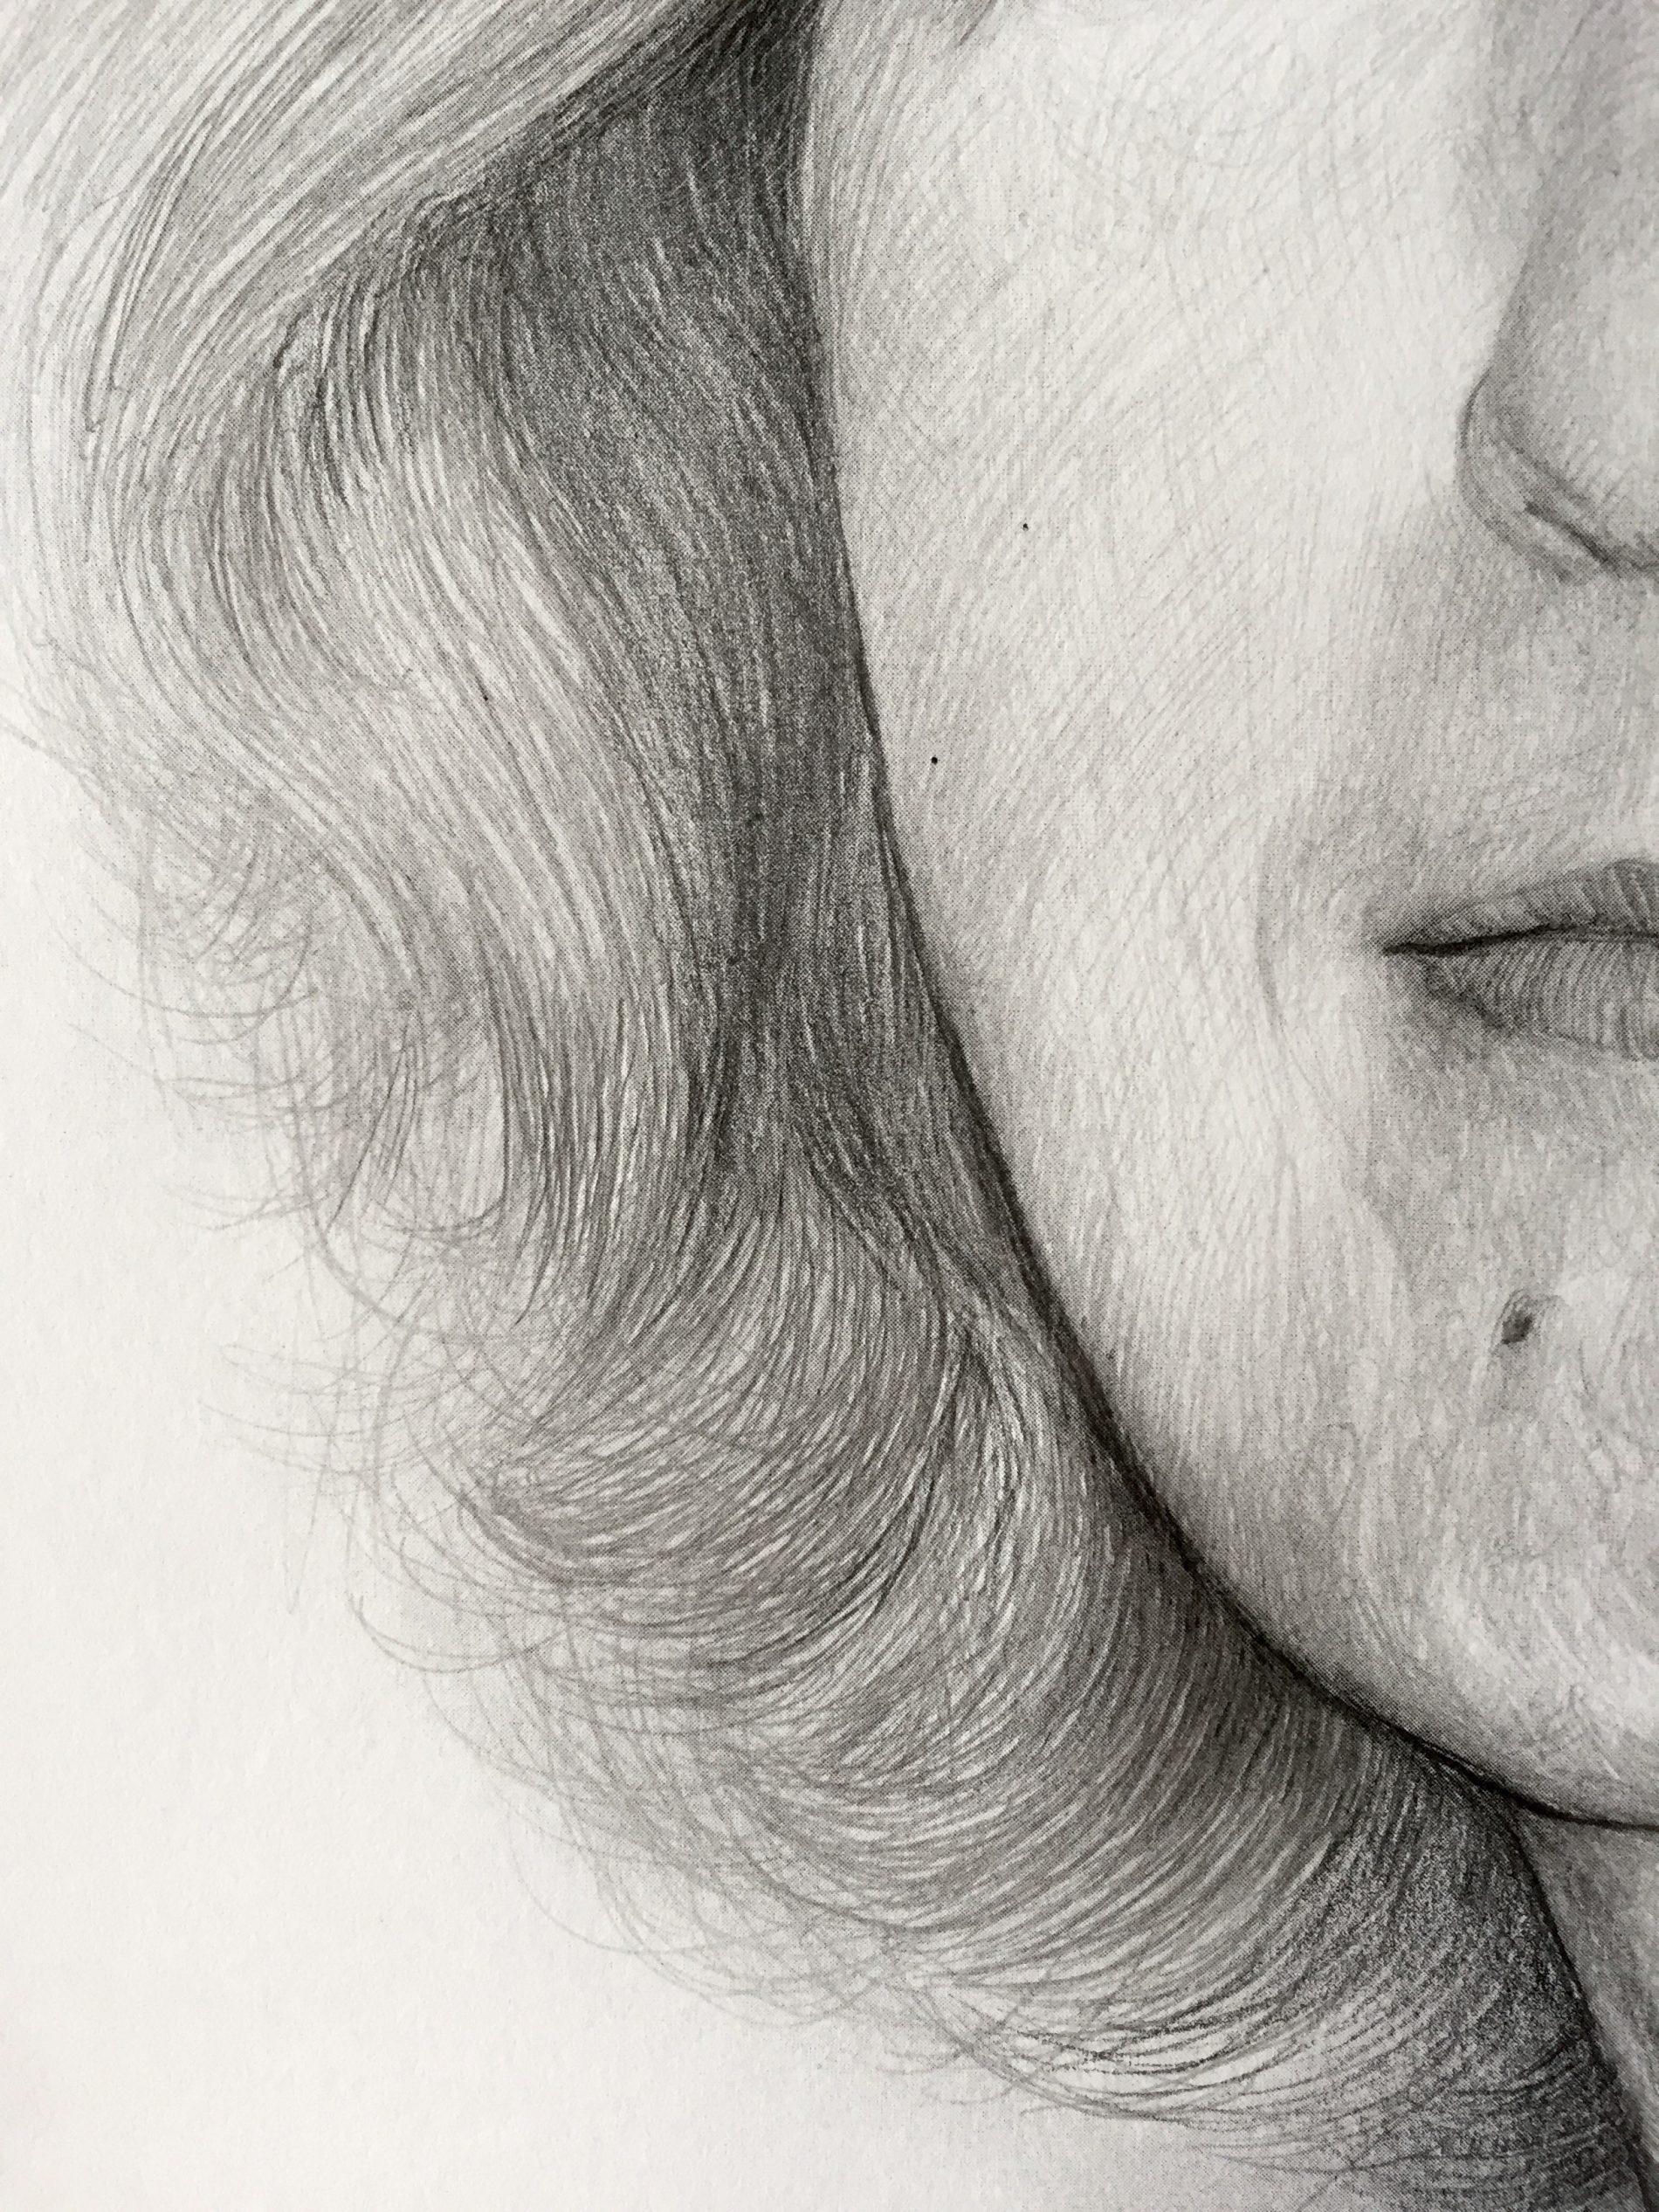 retratos-por-encargo-58-detalle-e1488877213280